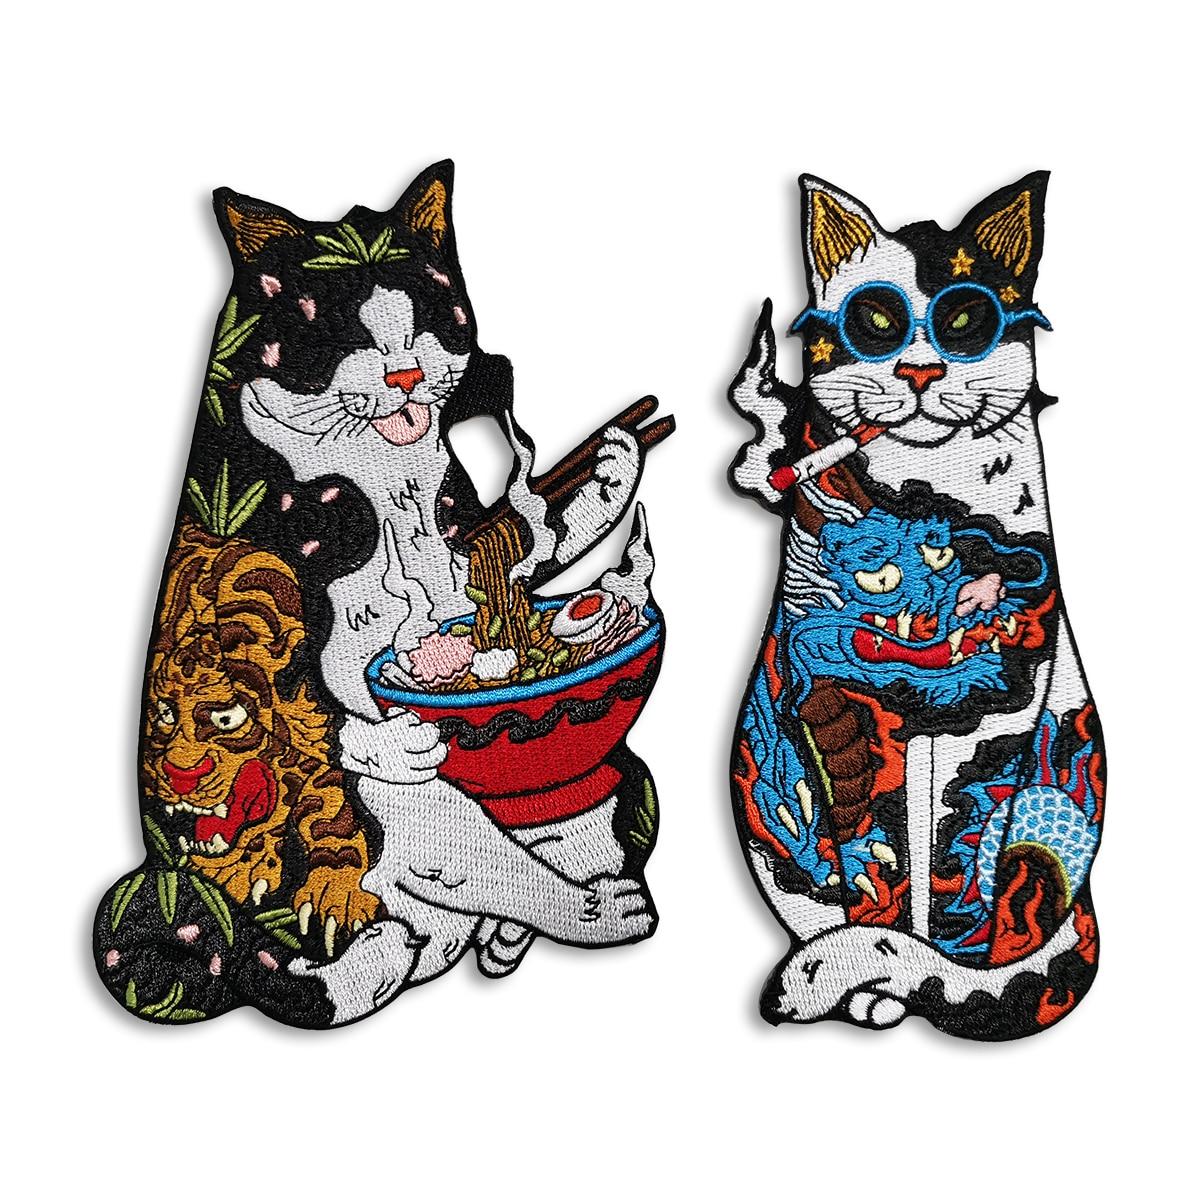 Gato legal japonês udon bordado remendos de costura ferro em remendos para jaquetas sacos de alta qualidade dos desenhos animados cultura logotipo fantasma emblemas